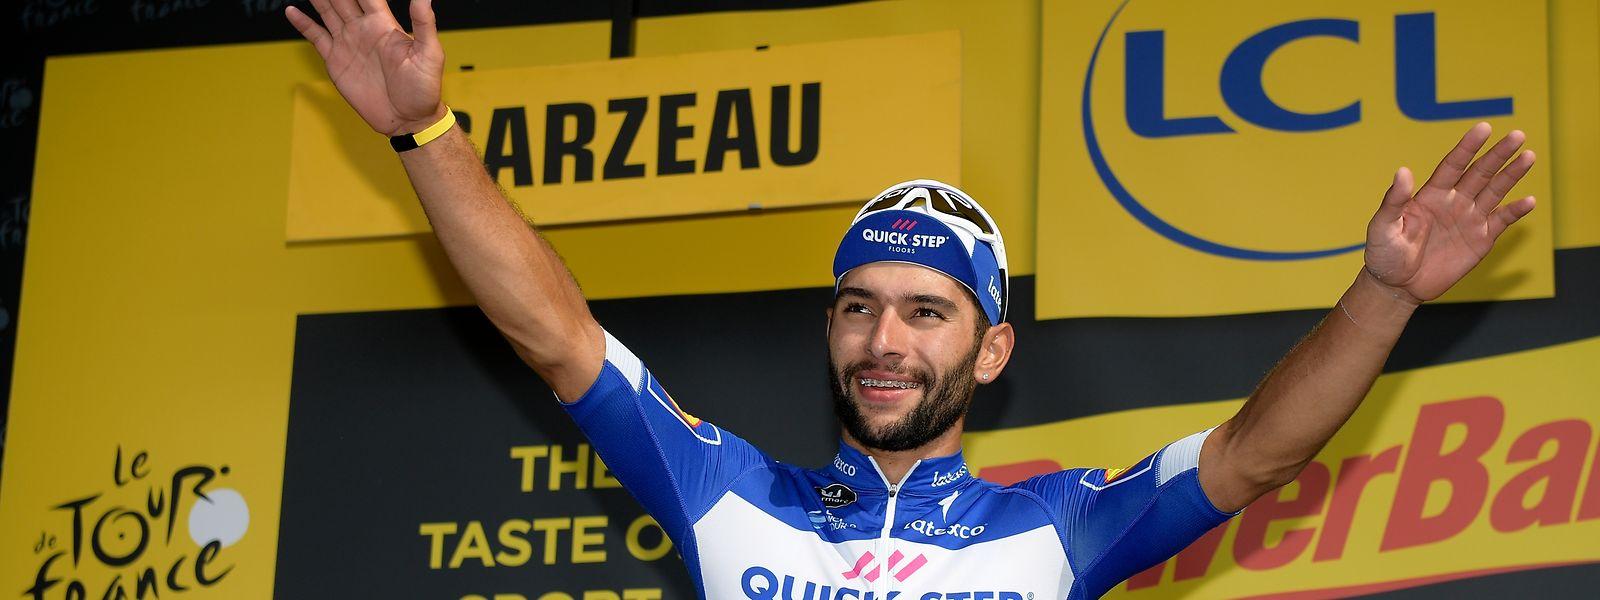 Fernando Gaviria já venceu duas etapas.